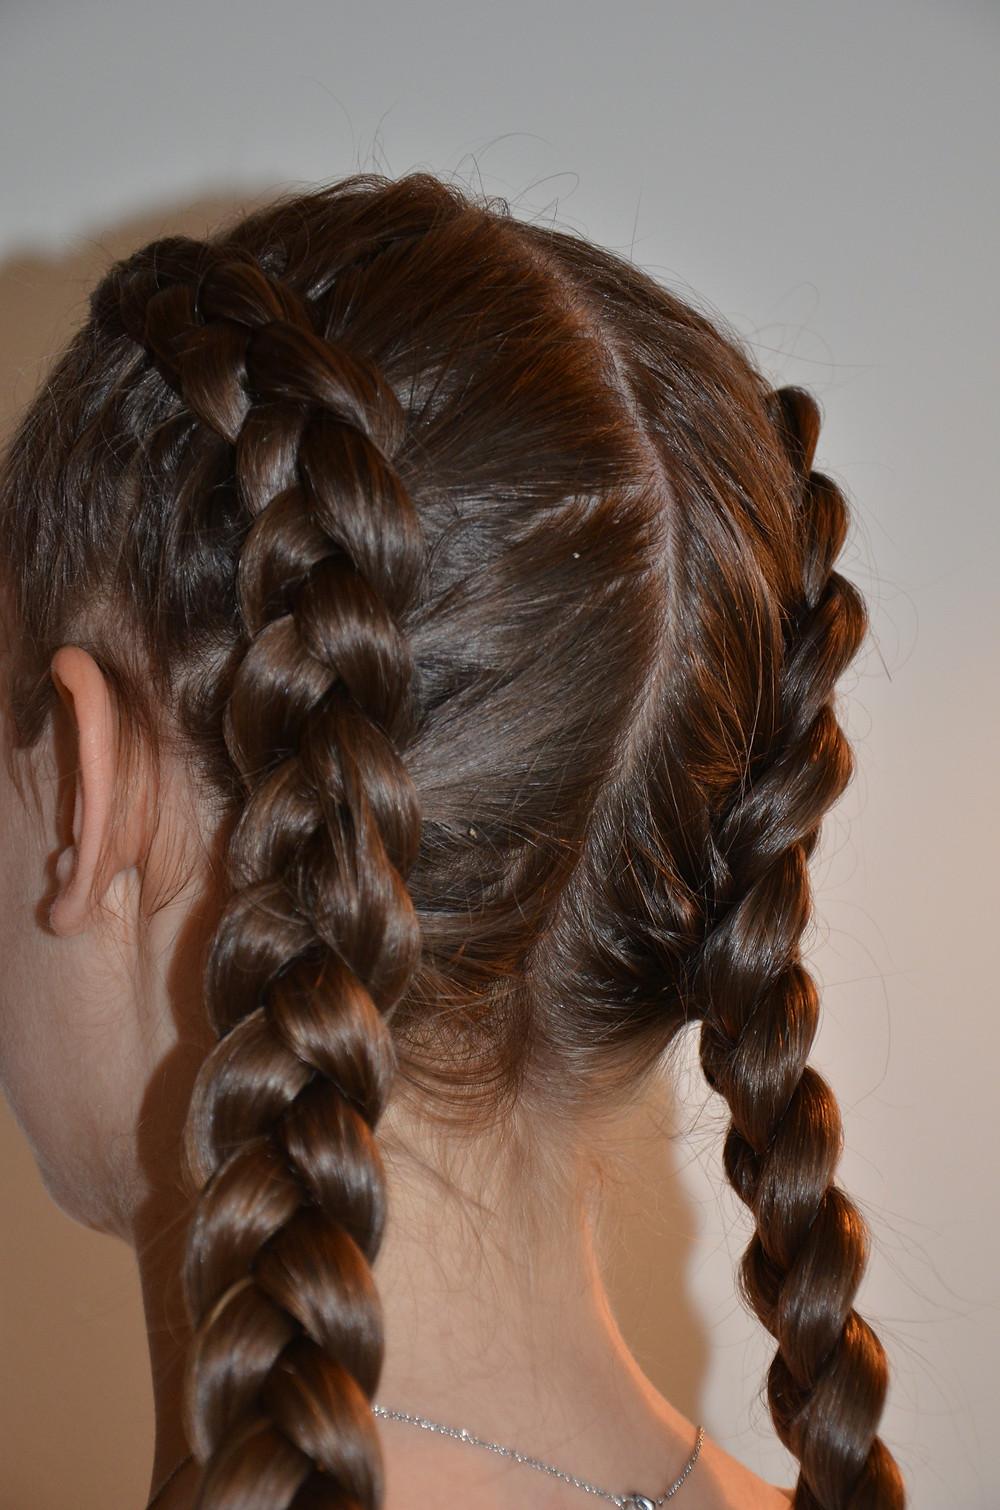 Fun Braided Hairstyles